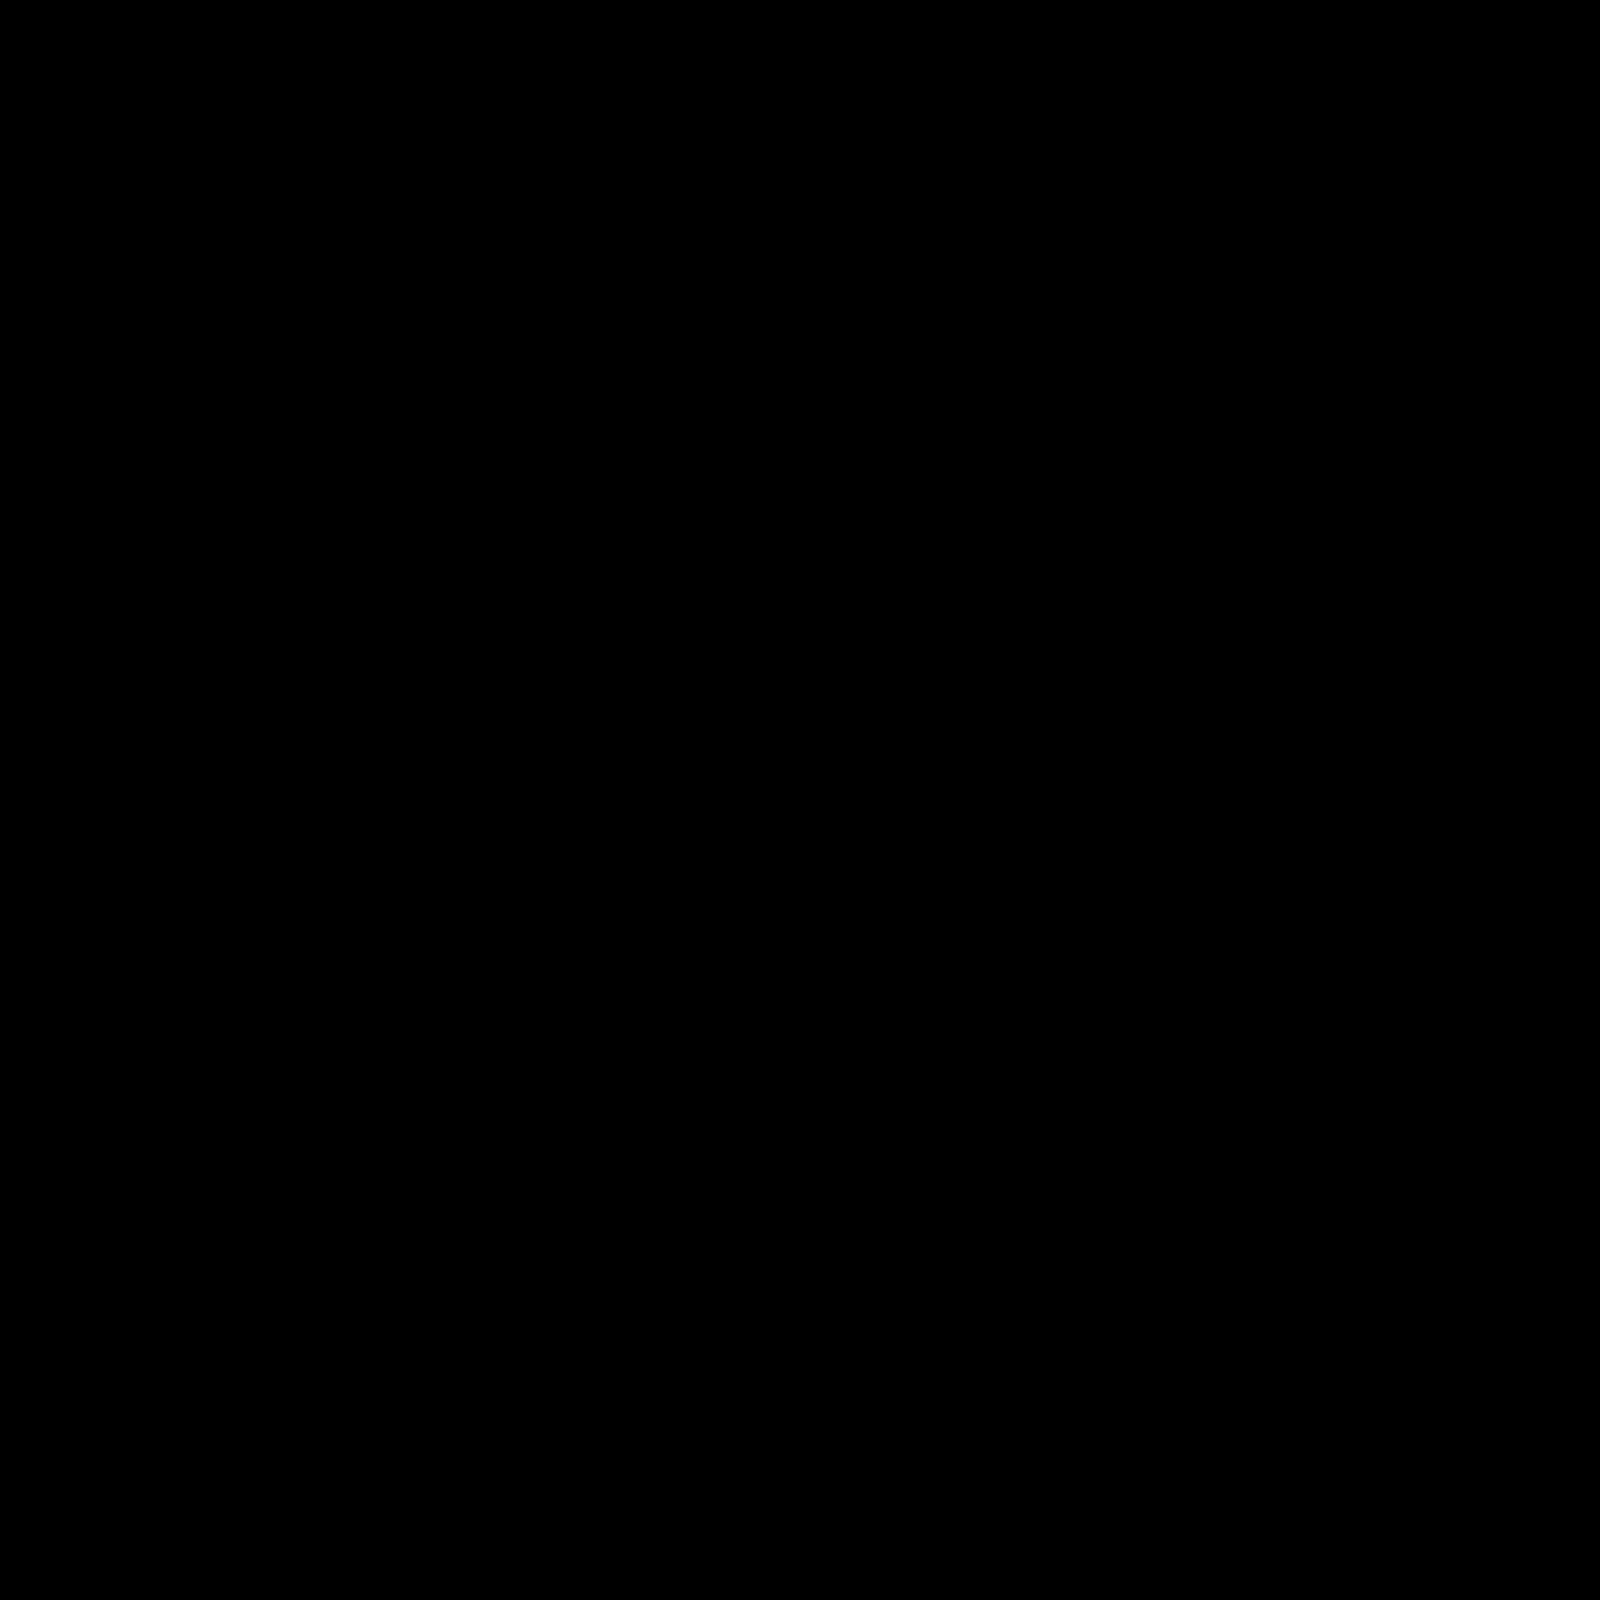 最後の桁をキャンセル icon. This icon is depicting a cancel last digit button typically found on an ATM. The icon is rectangular shaped with its left side forming a point and the outline of a circle in the middle of the shape.